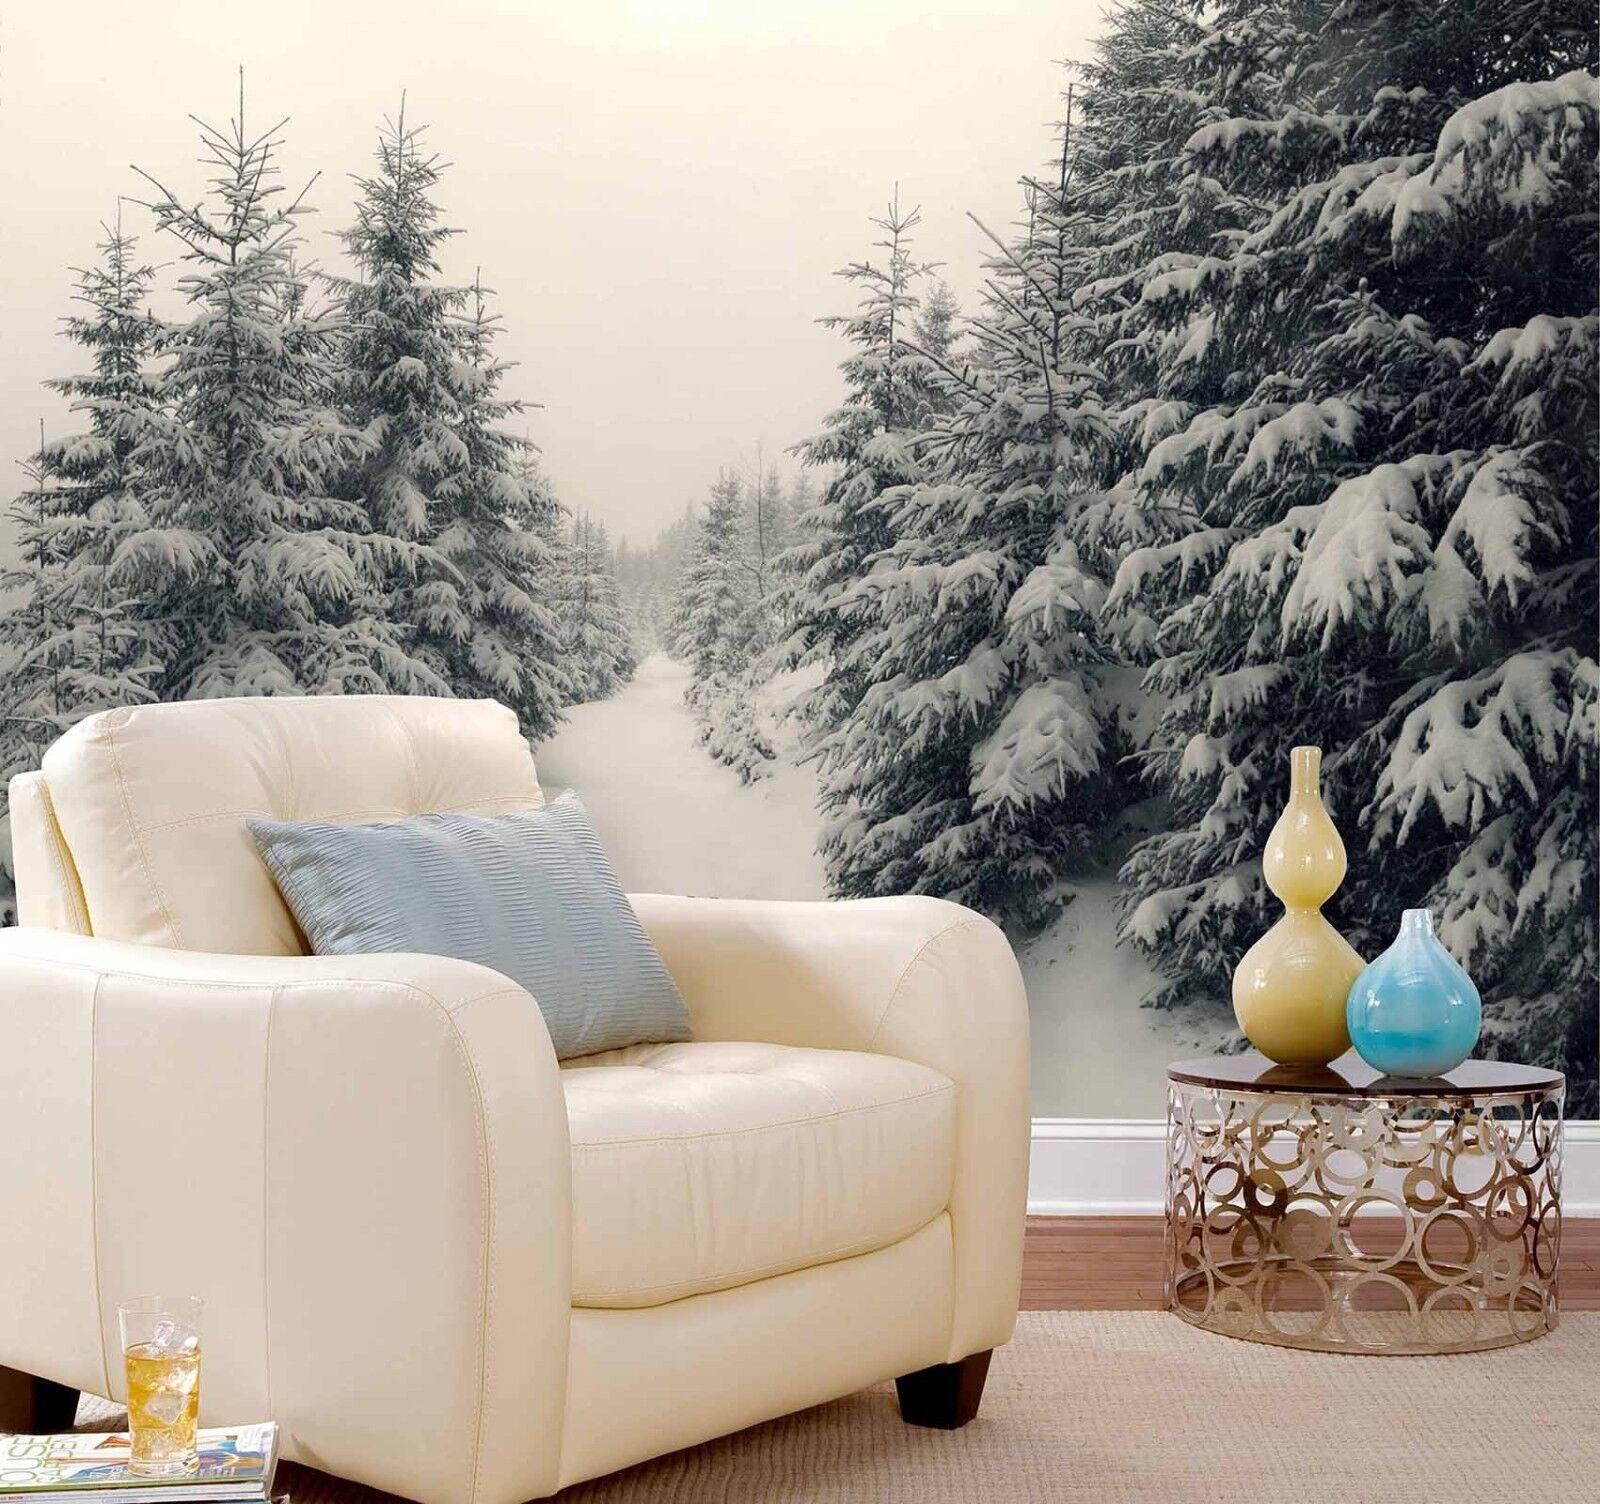 3D Winter Pinien Schnee 8549 Tapete Wandgemälde Tapeten Bild Familie DE Lemon | Beliebte Empfehlung  | Won hoch geschätzt und weithin vertraut im in- und Ausland vertraut  | Zu verkaufen